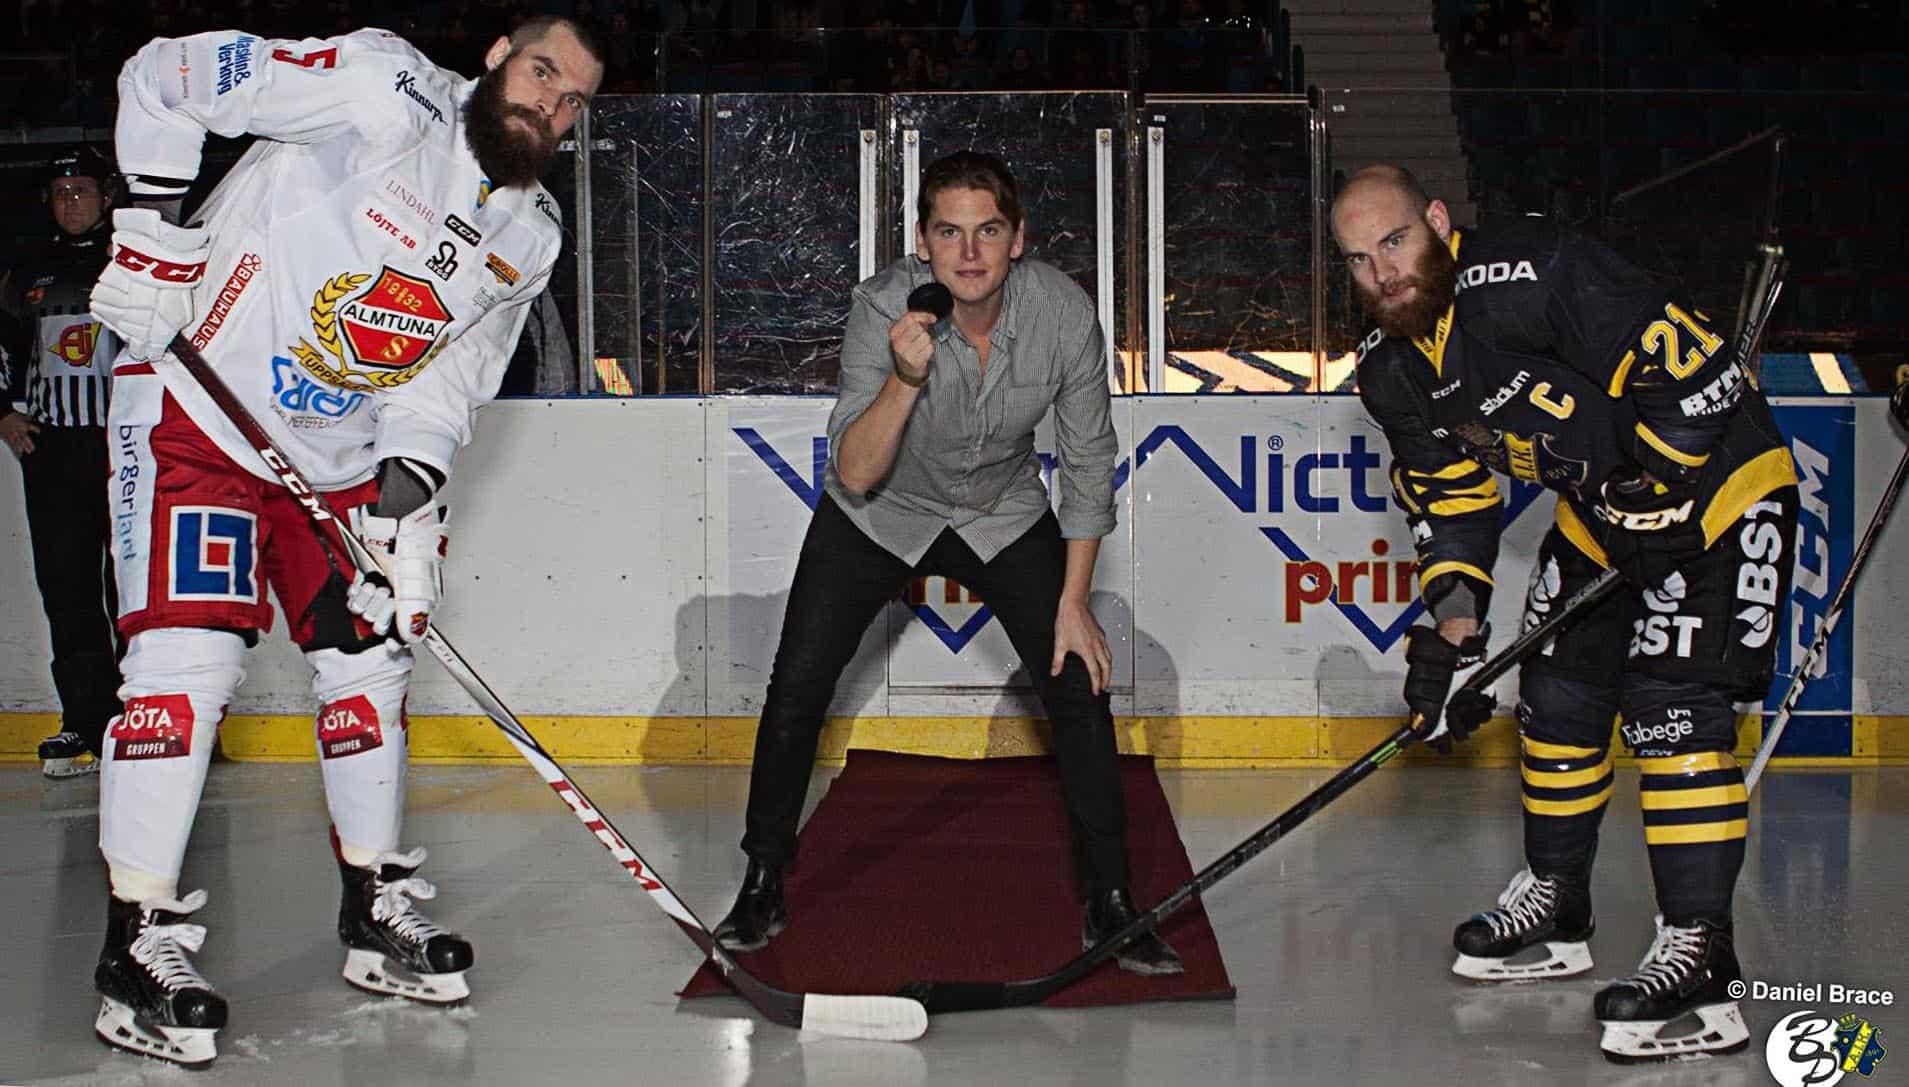 Värd vid hockeymatch på Hovet